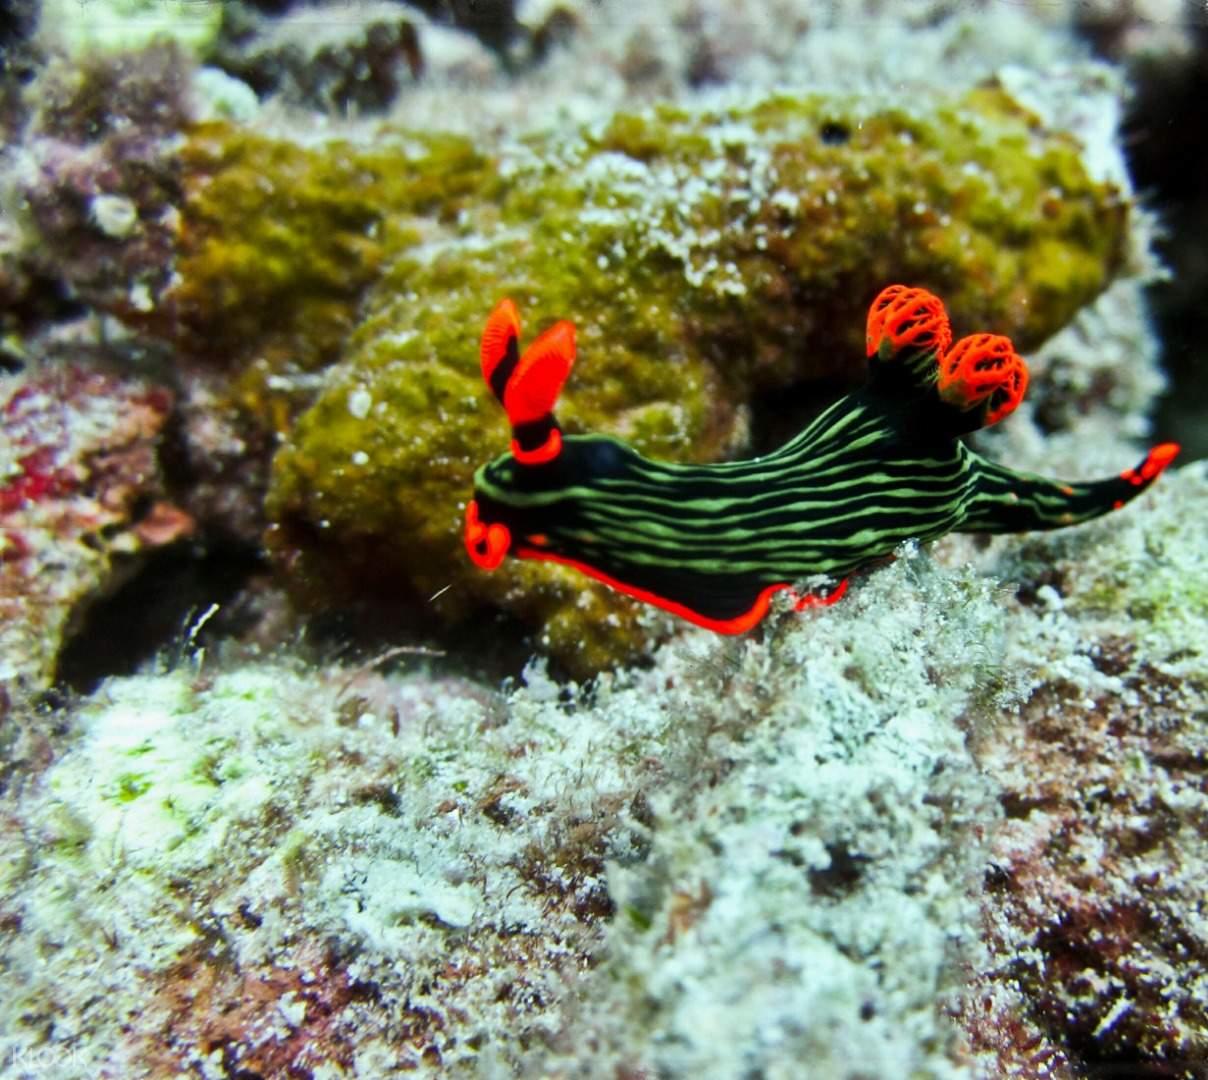 corals and aquatic specie